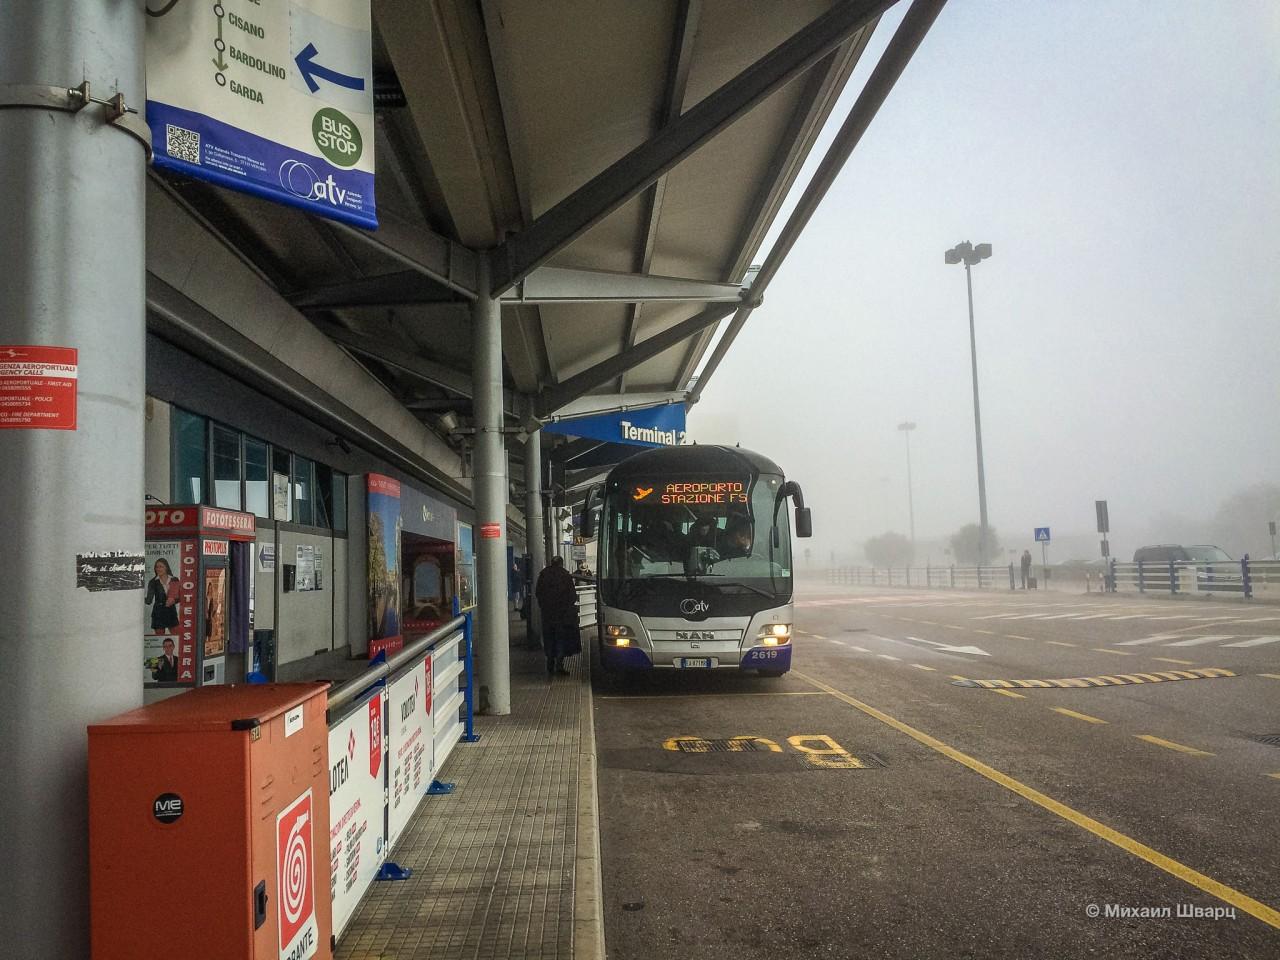 Остановка автобуса в аэропорту Вероны